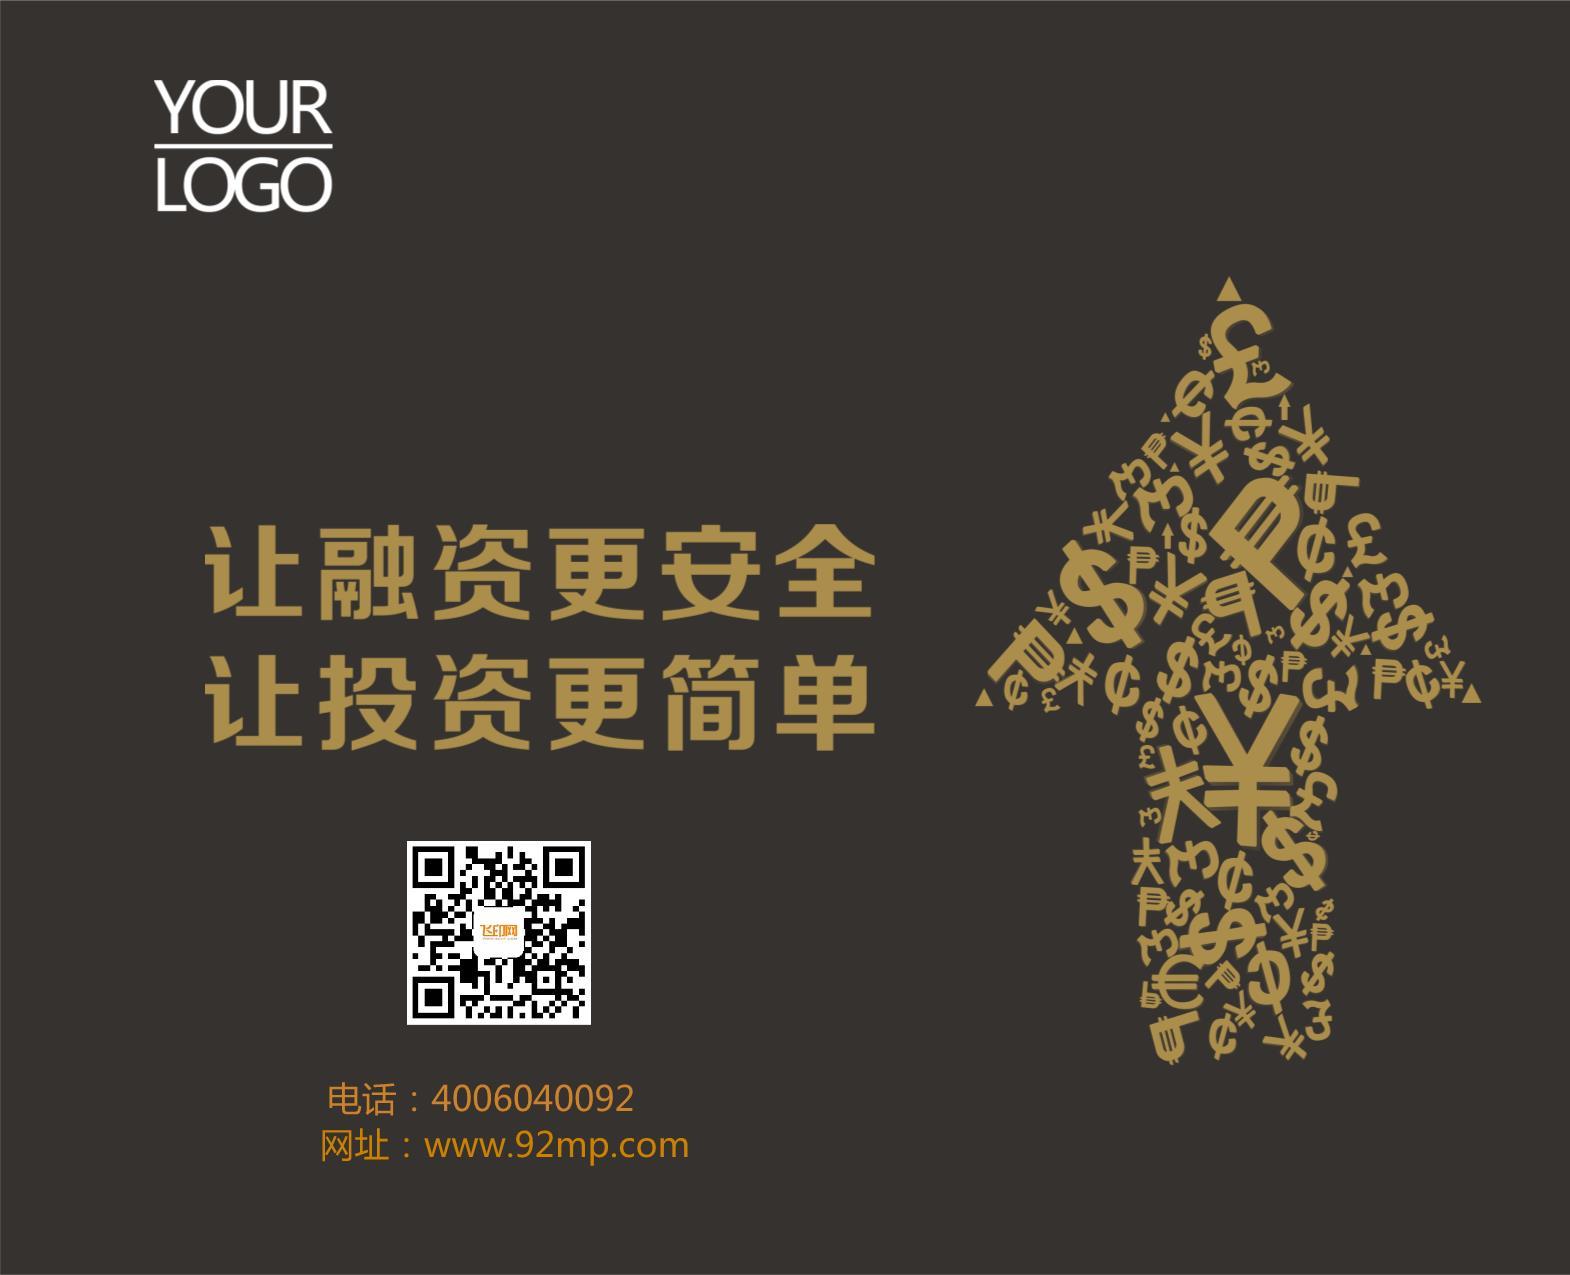 金黄色金融投资公司鼠标垫模板下载